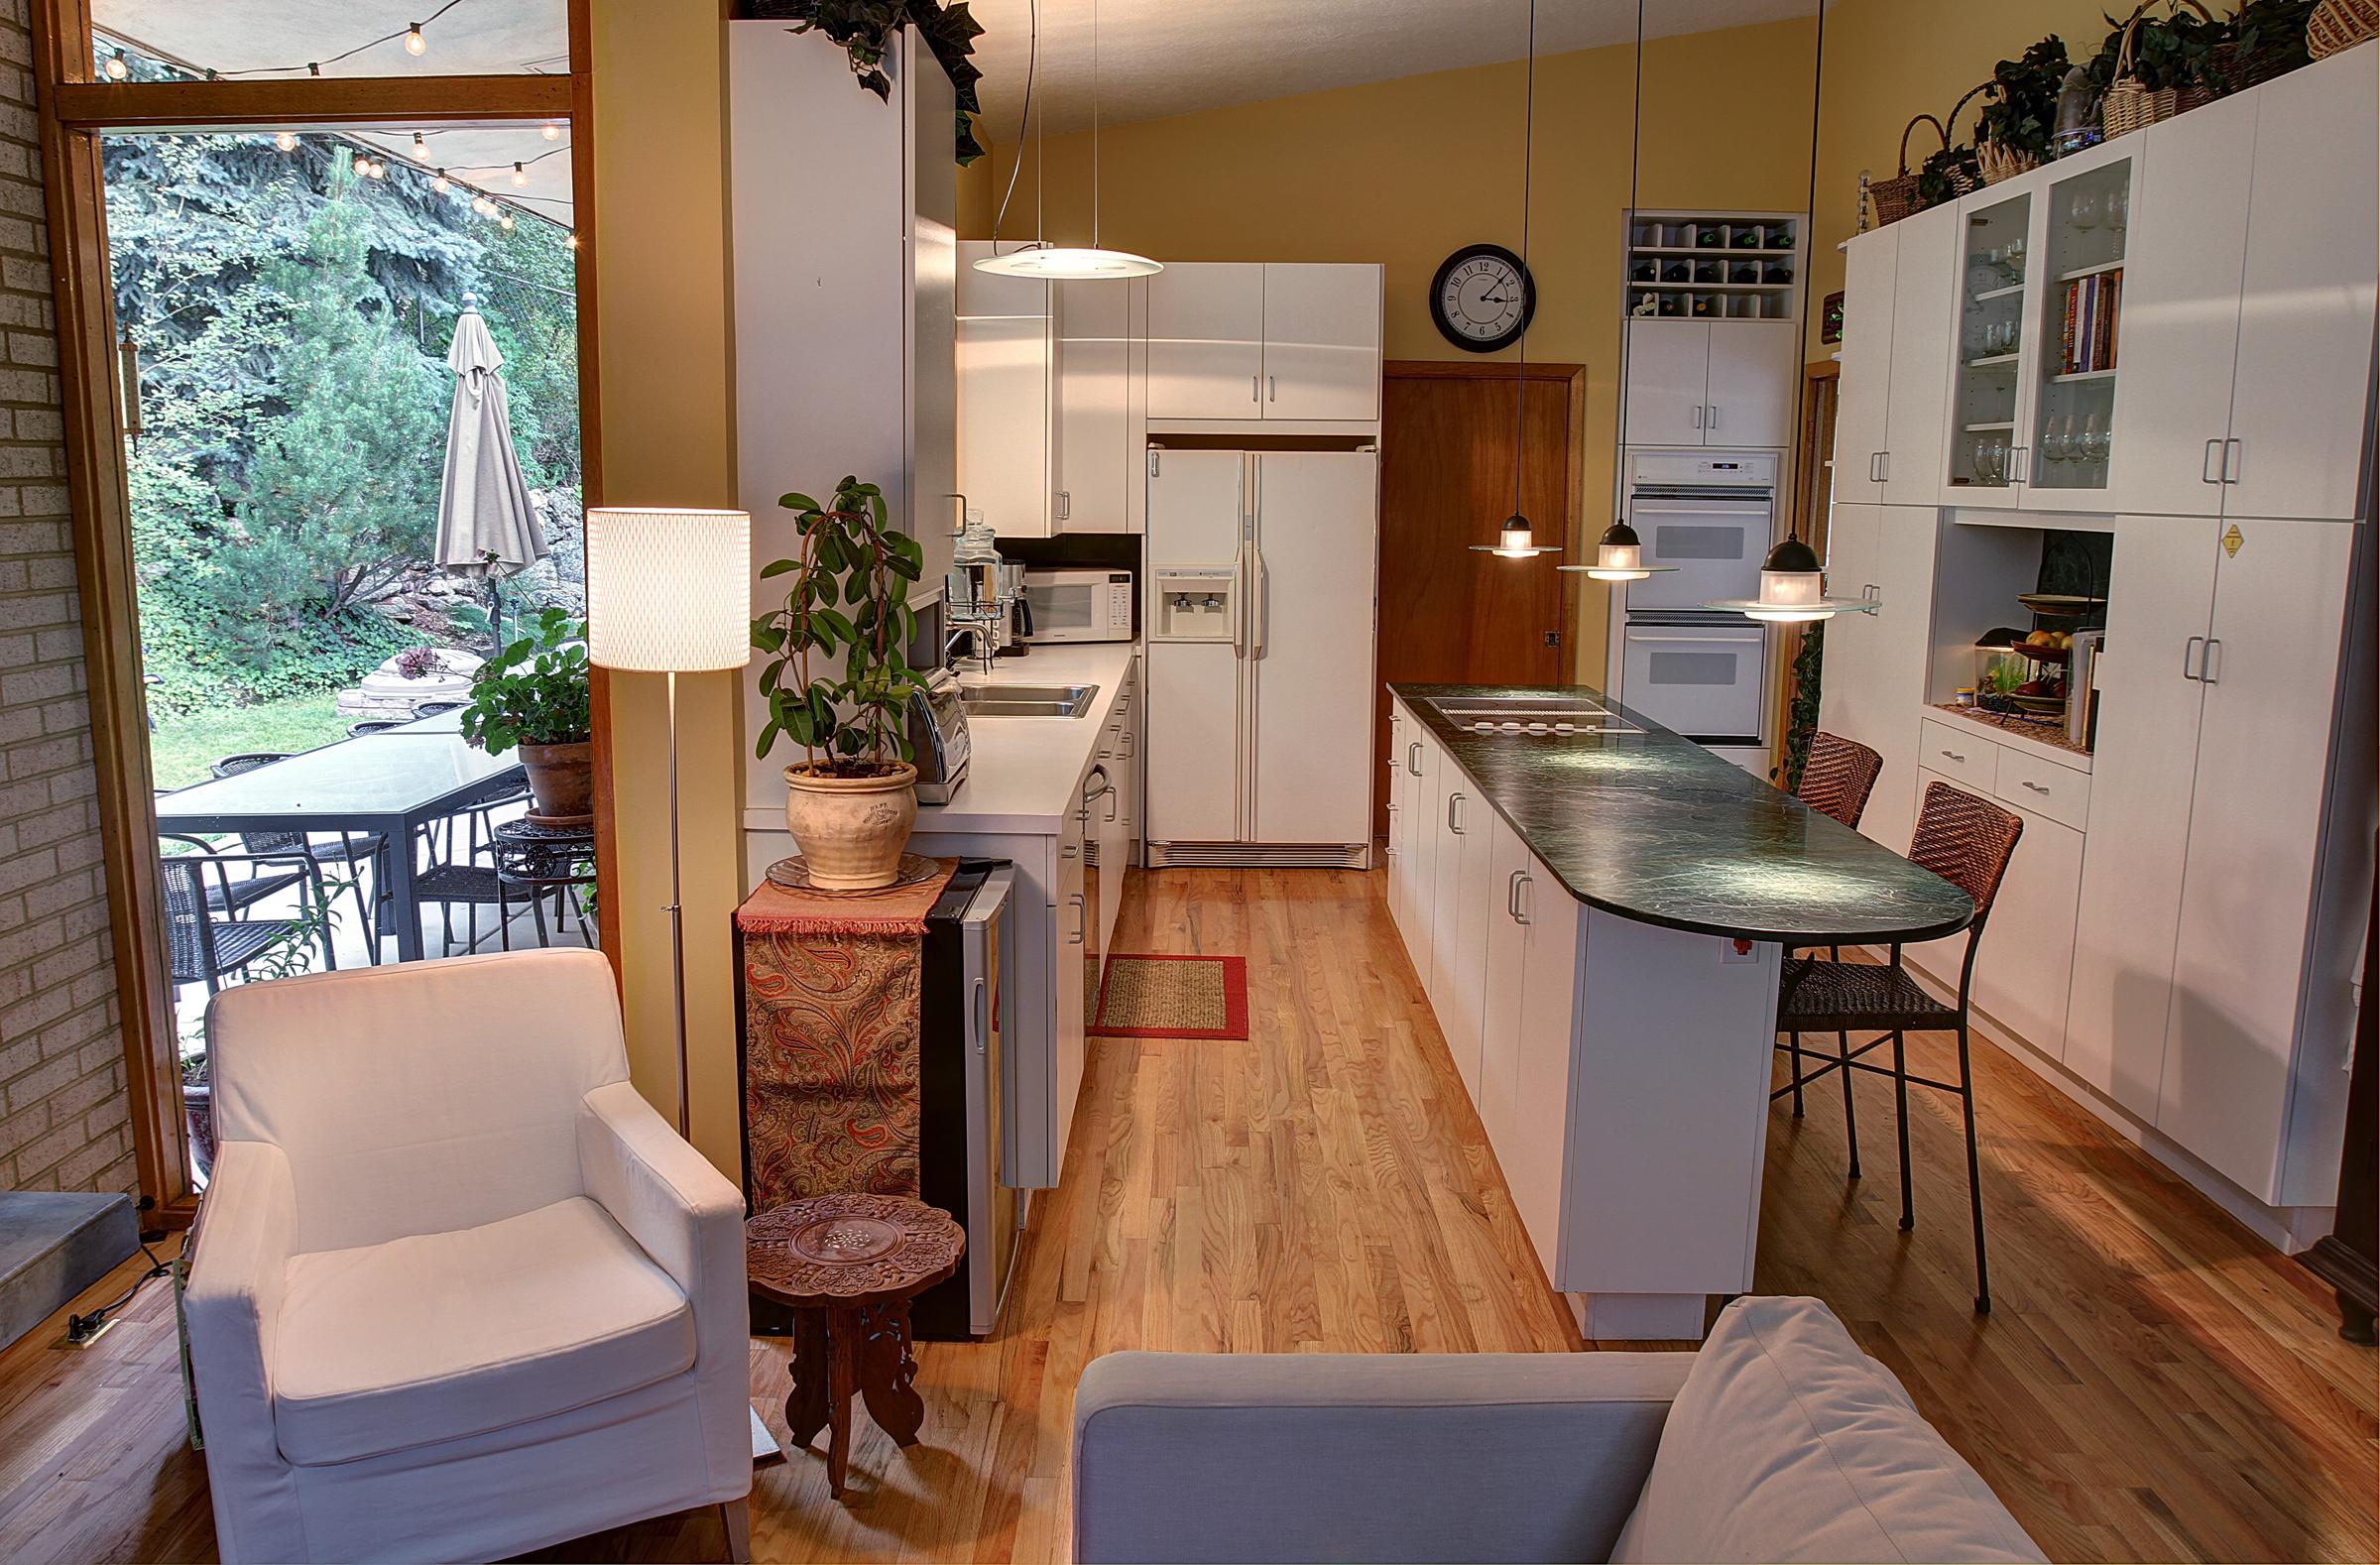 1Gilead kitchen.jpg